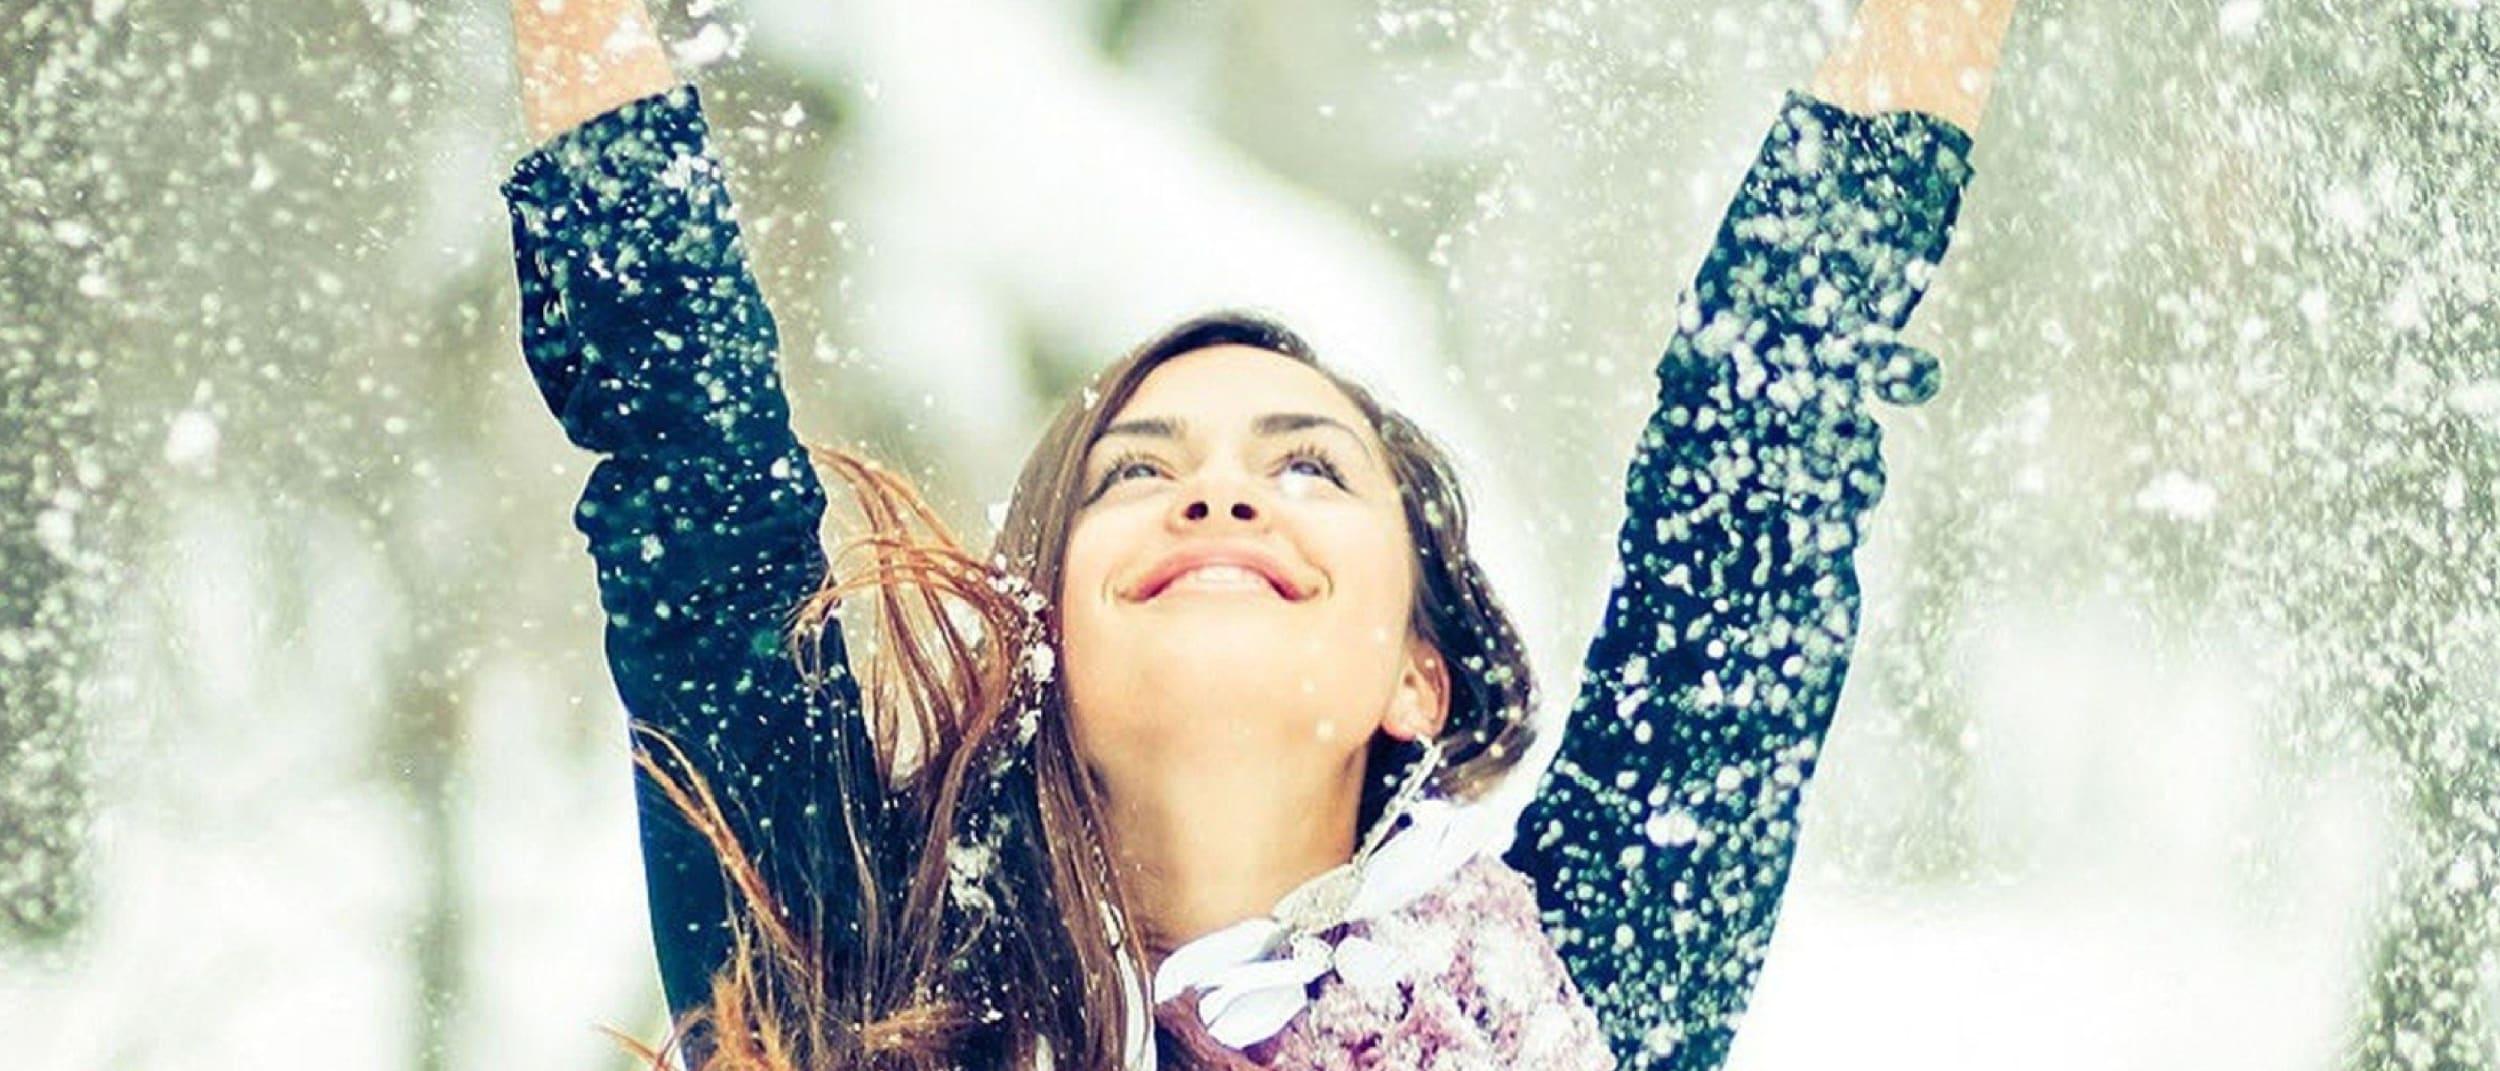 Nirvana Beauty: Winter Offers